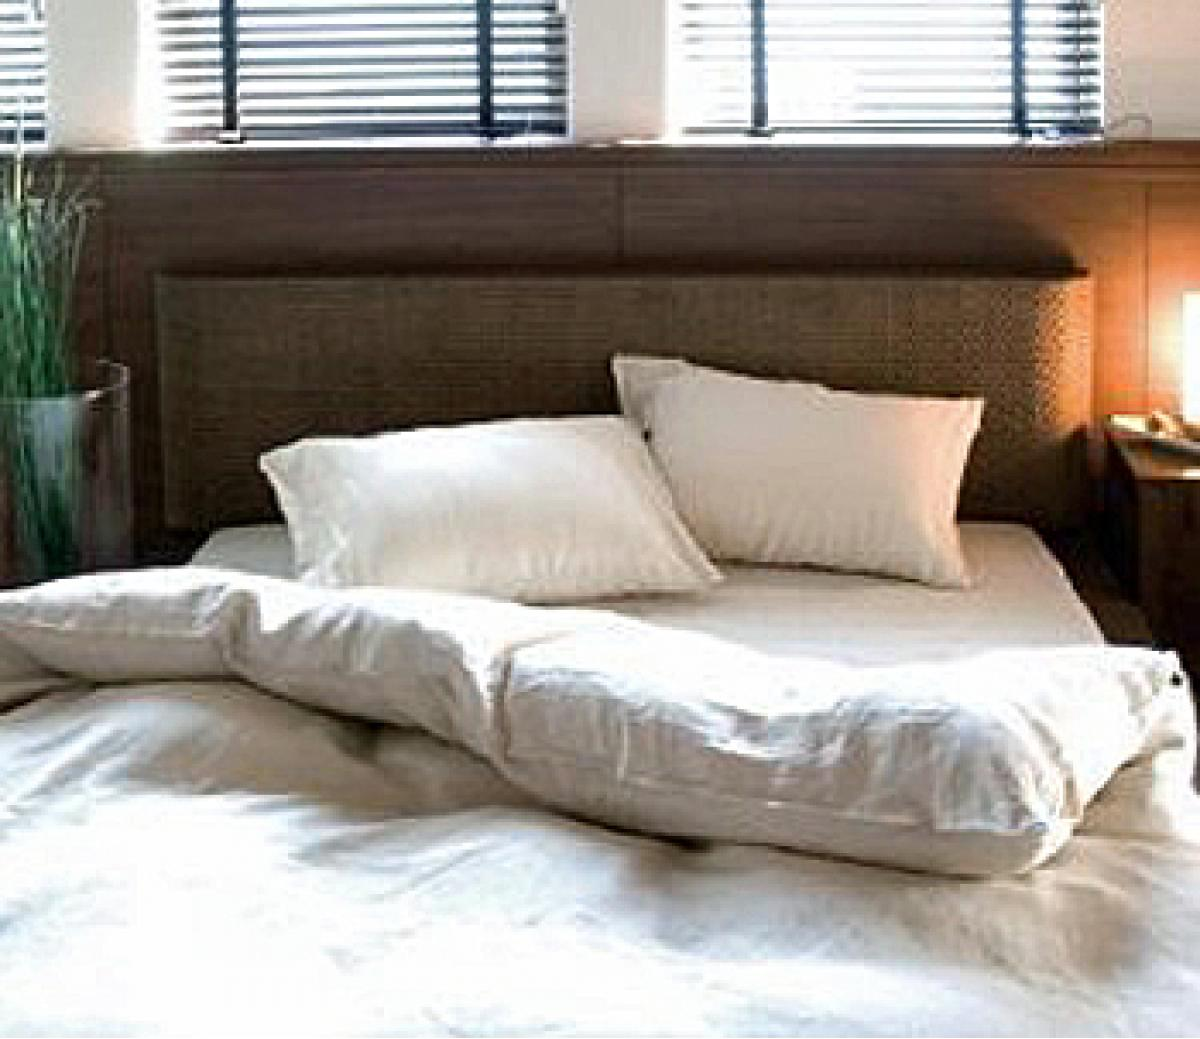 ベッドの夢に隠されたもう一つの意味とは!? あなたの性的な願望と幸福…ベッドの夢Part2